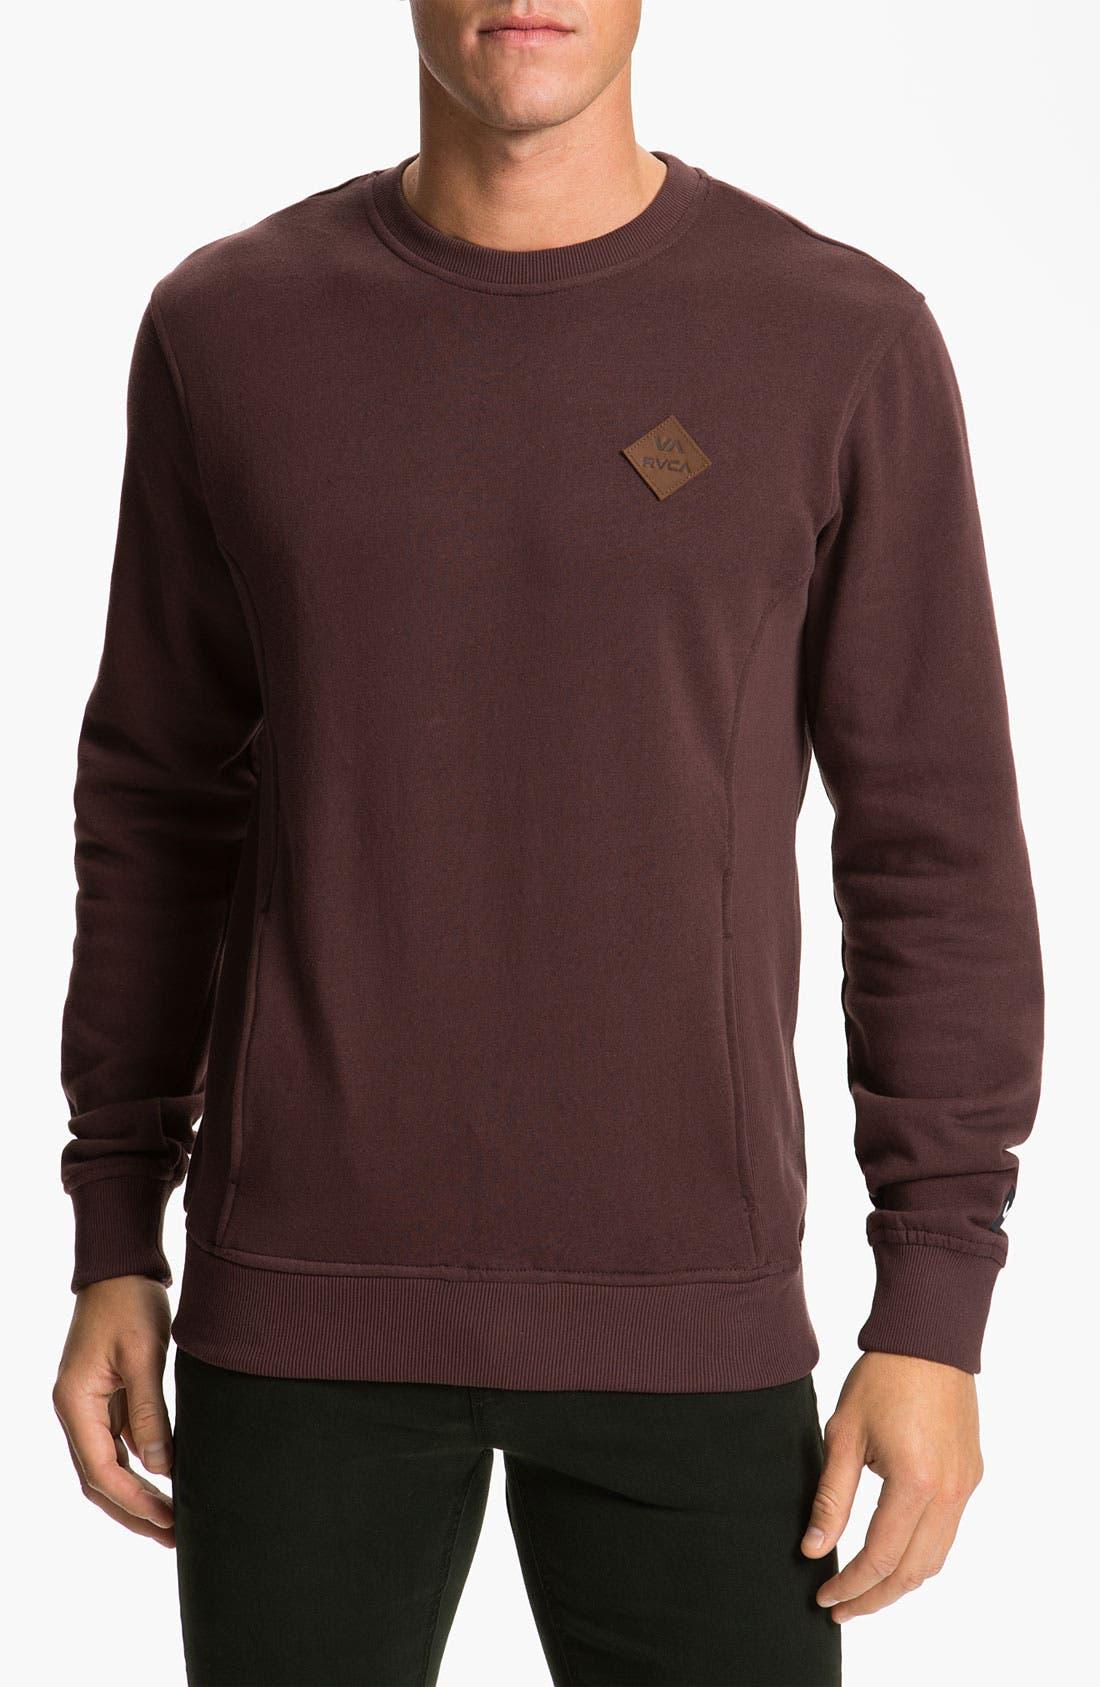 Main Image - RVCA 'Delux' Crewneck Sweatshirt